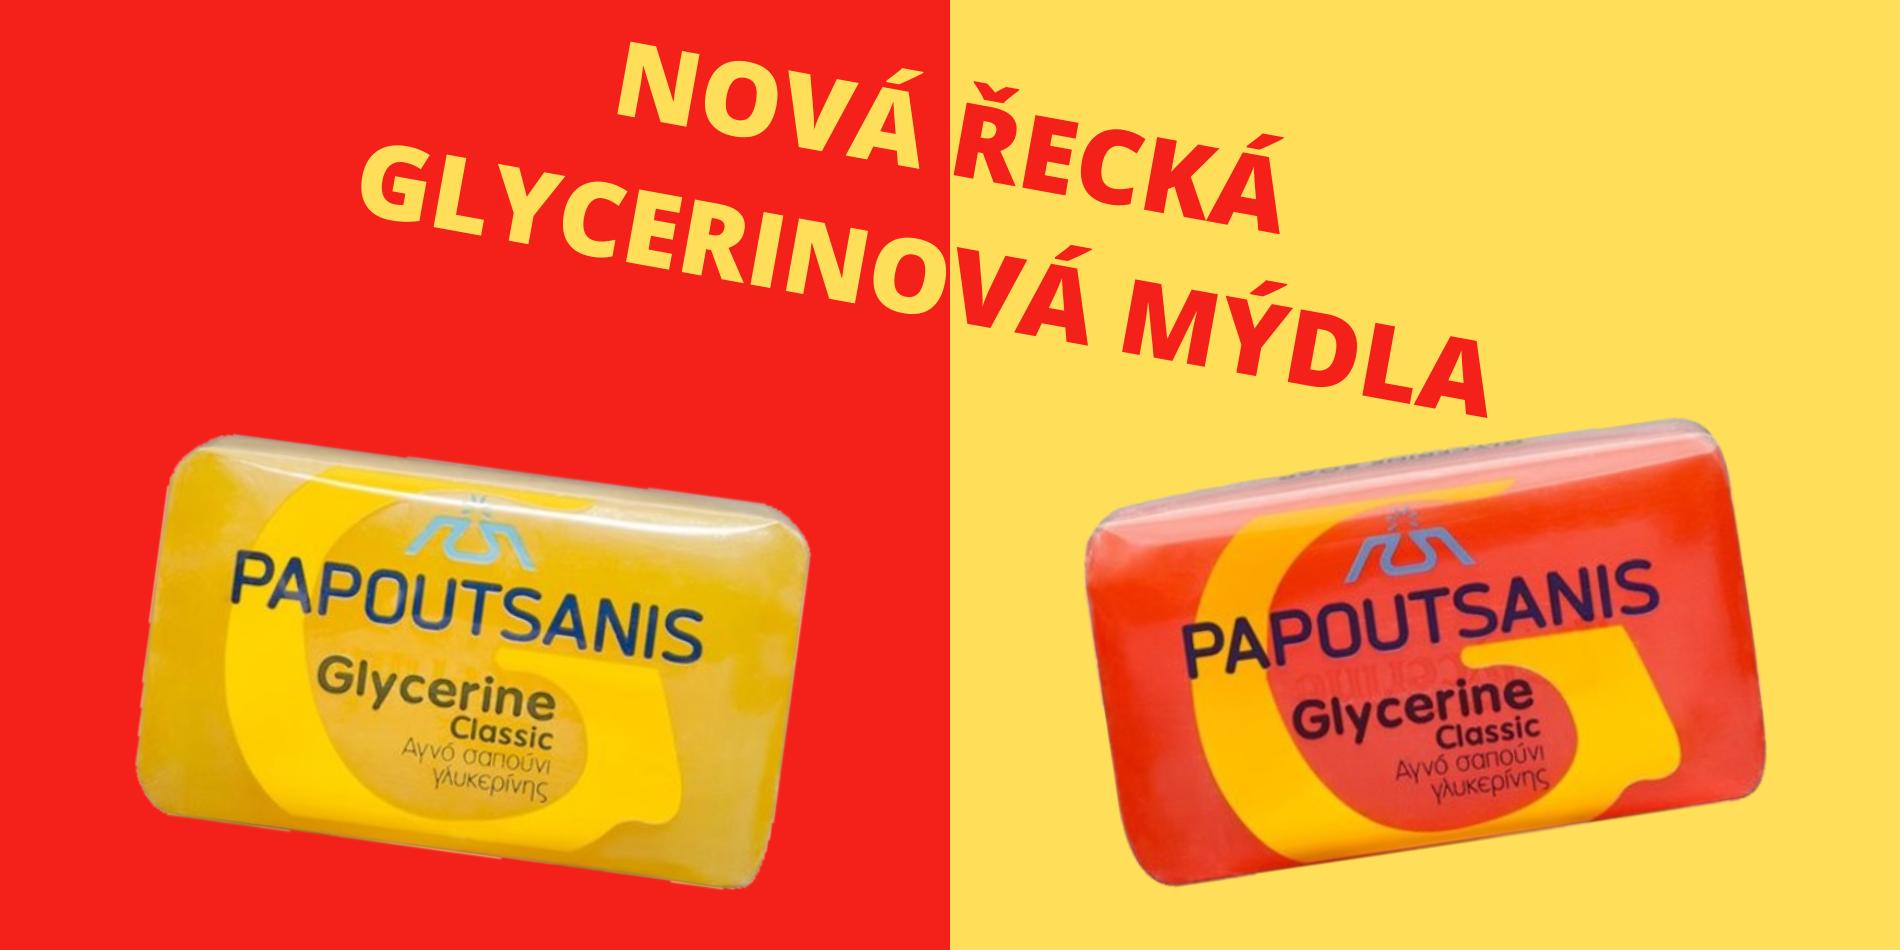 Řecká glycerinová mýdla